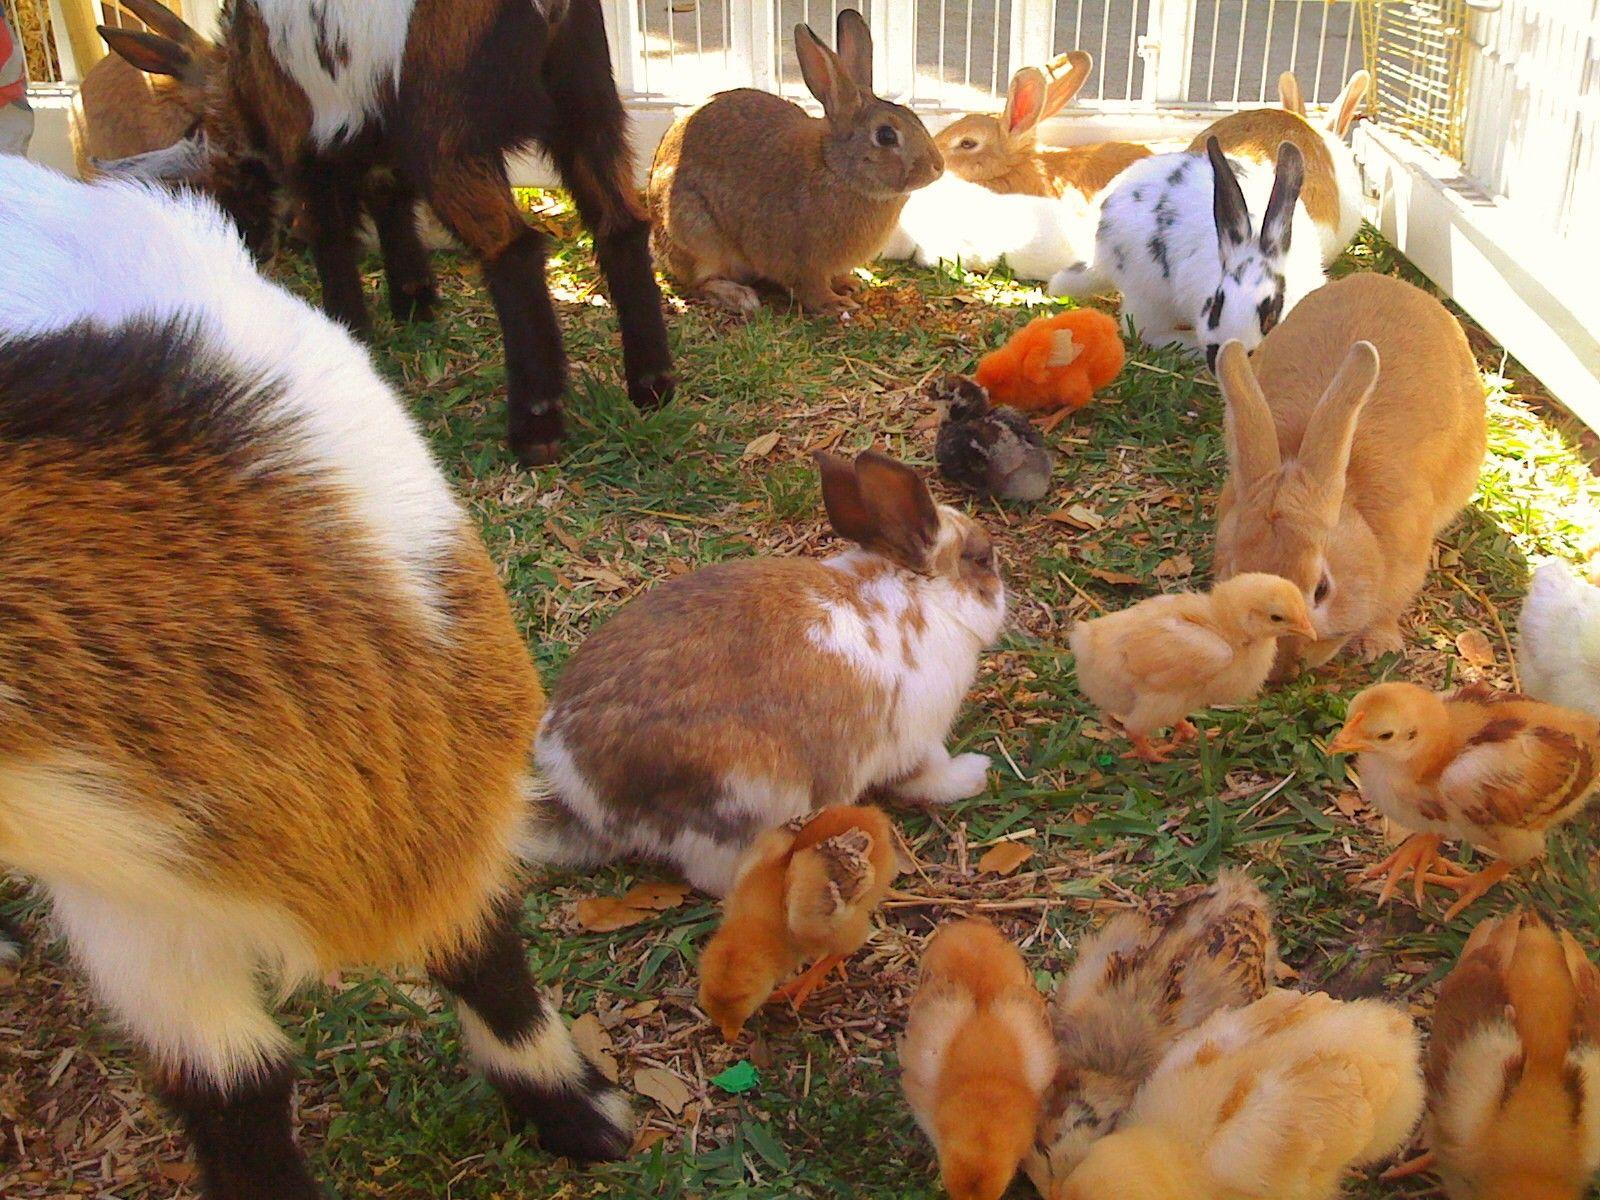 baby animals zoo PONY RIDES PARTY PETTING ZOO BARNYARD FARM